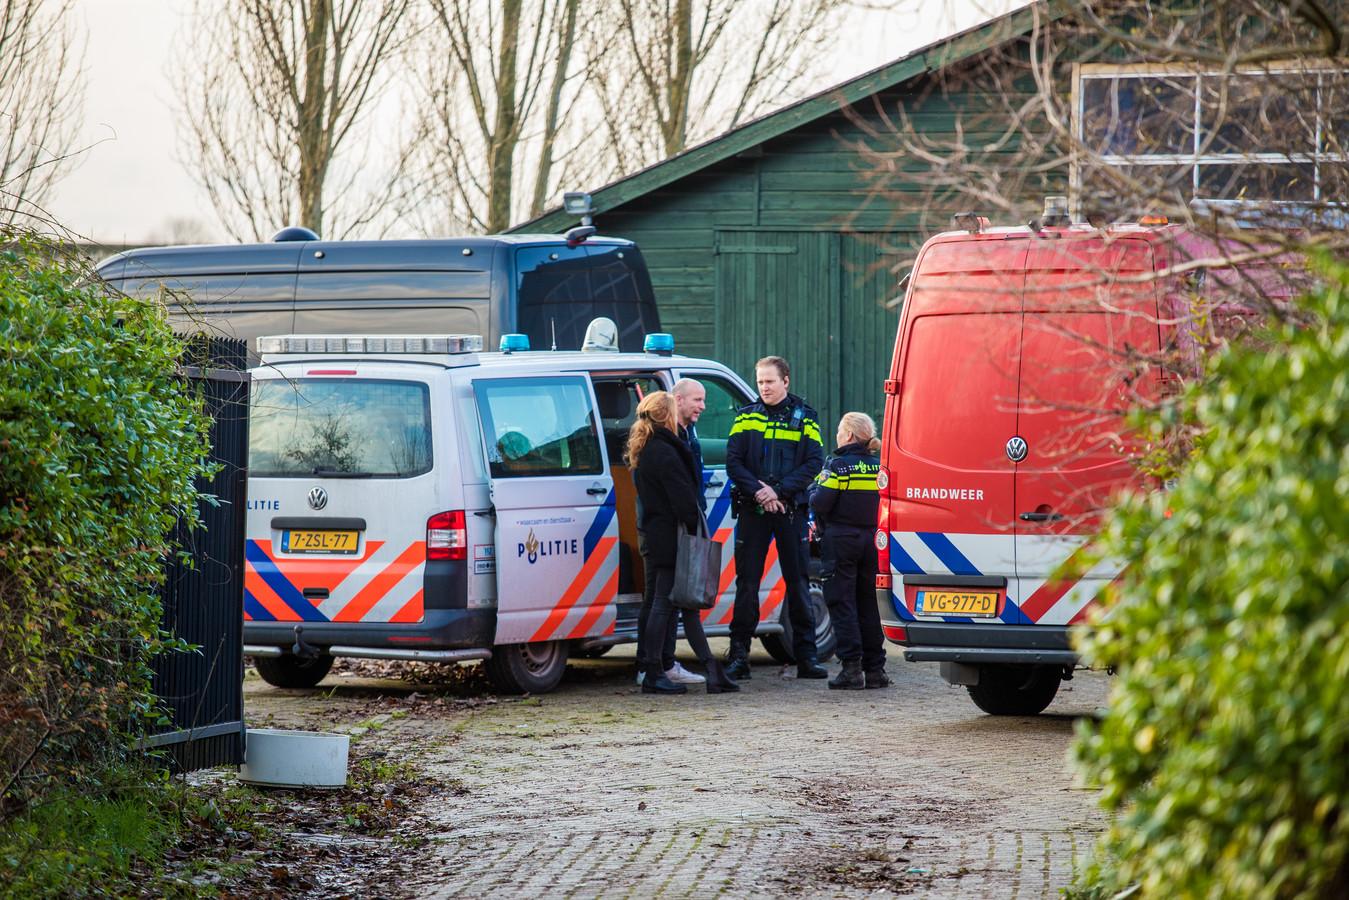 Politie en brandweer bij een drugslab in een schuur. Foto ter illustratie.